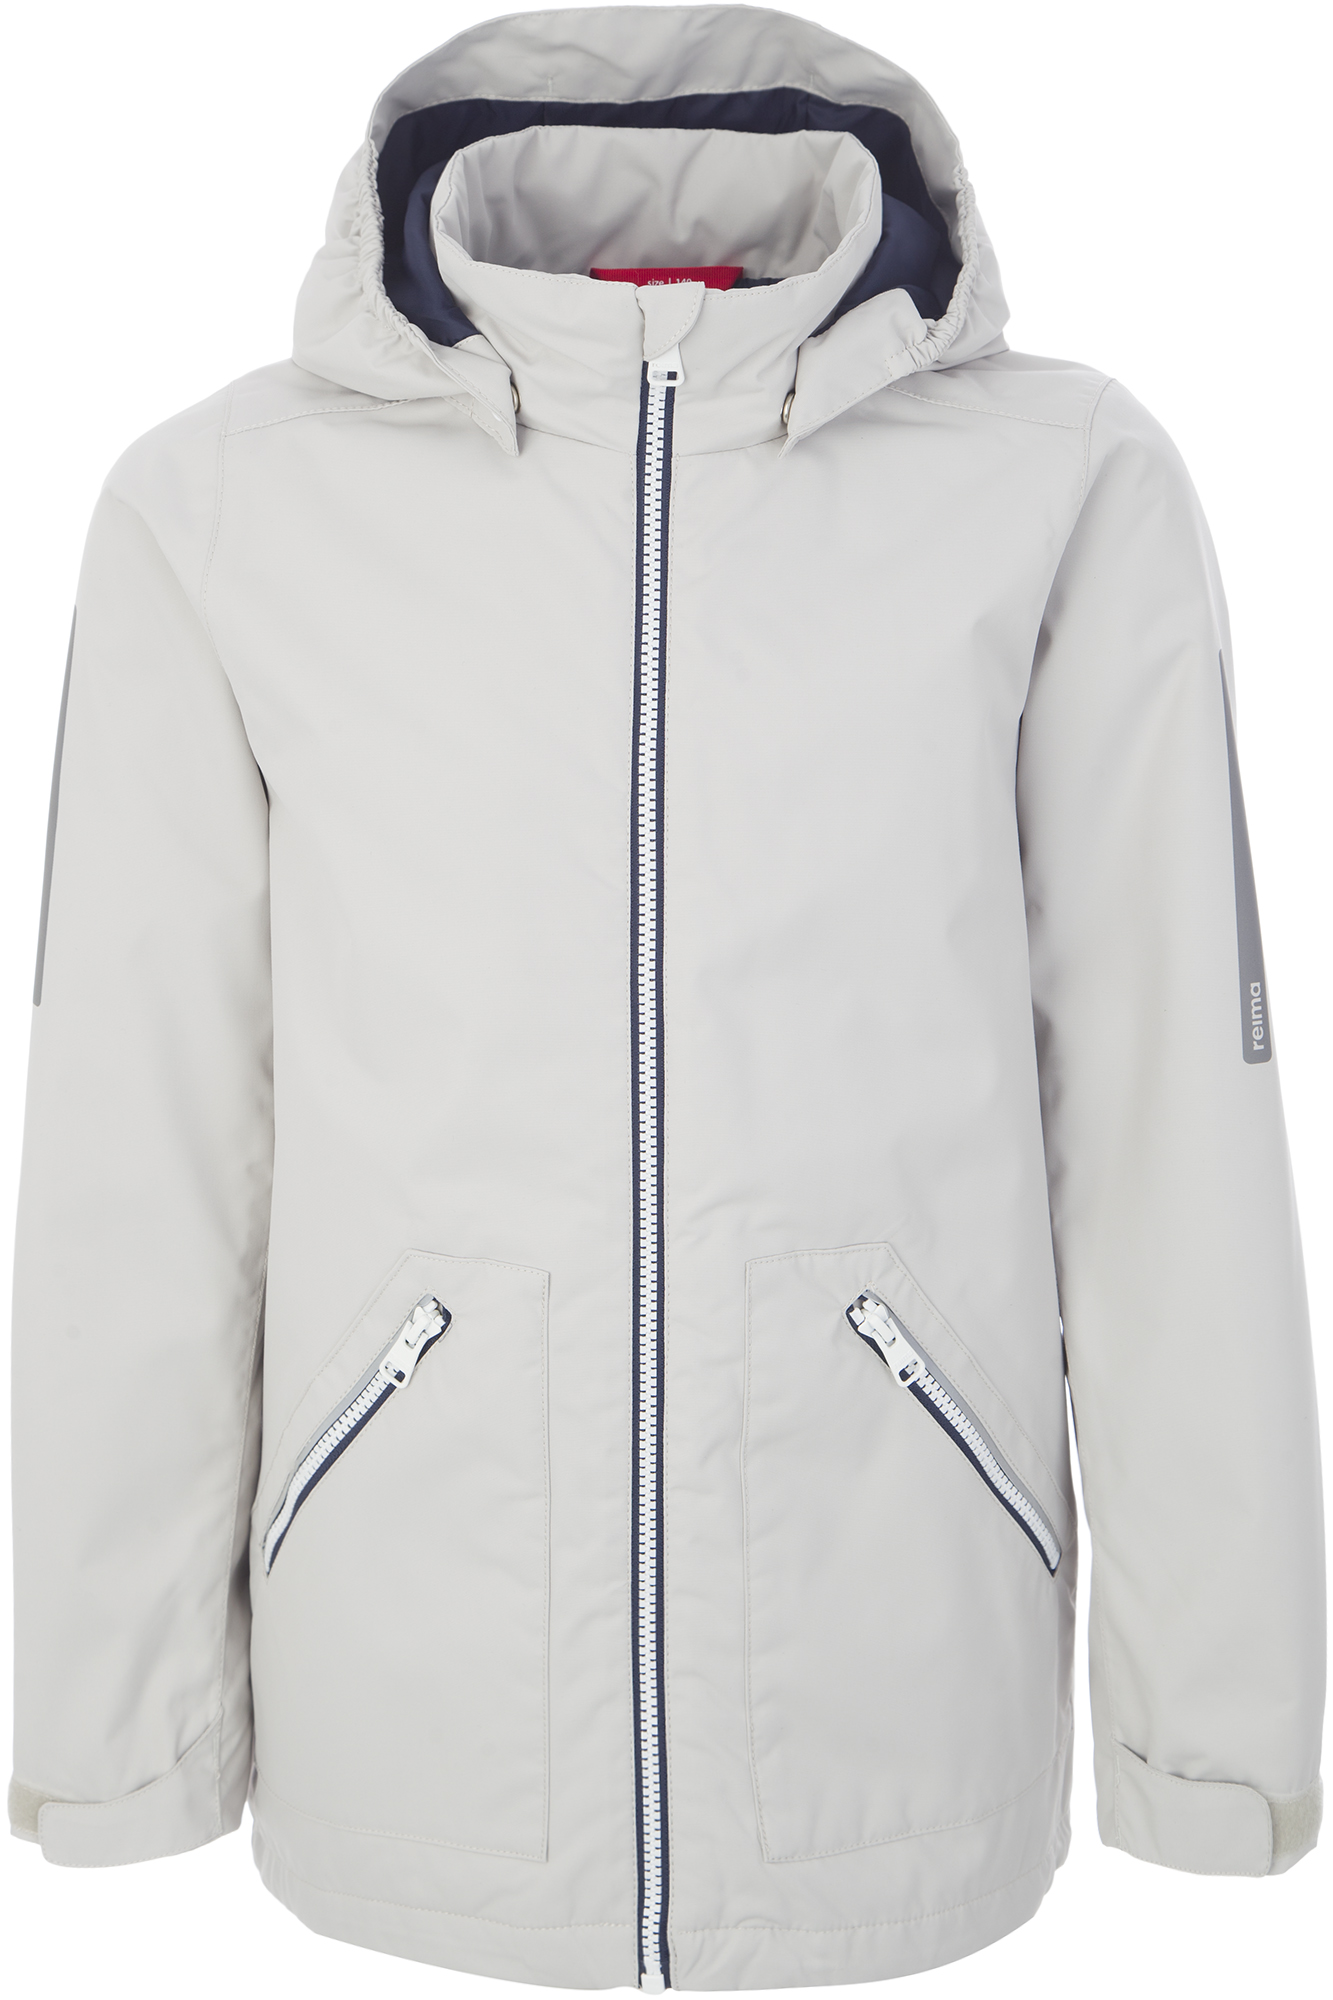 Reima Куртка утепленная для девочек Reima Minttu, размер 140